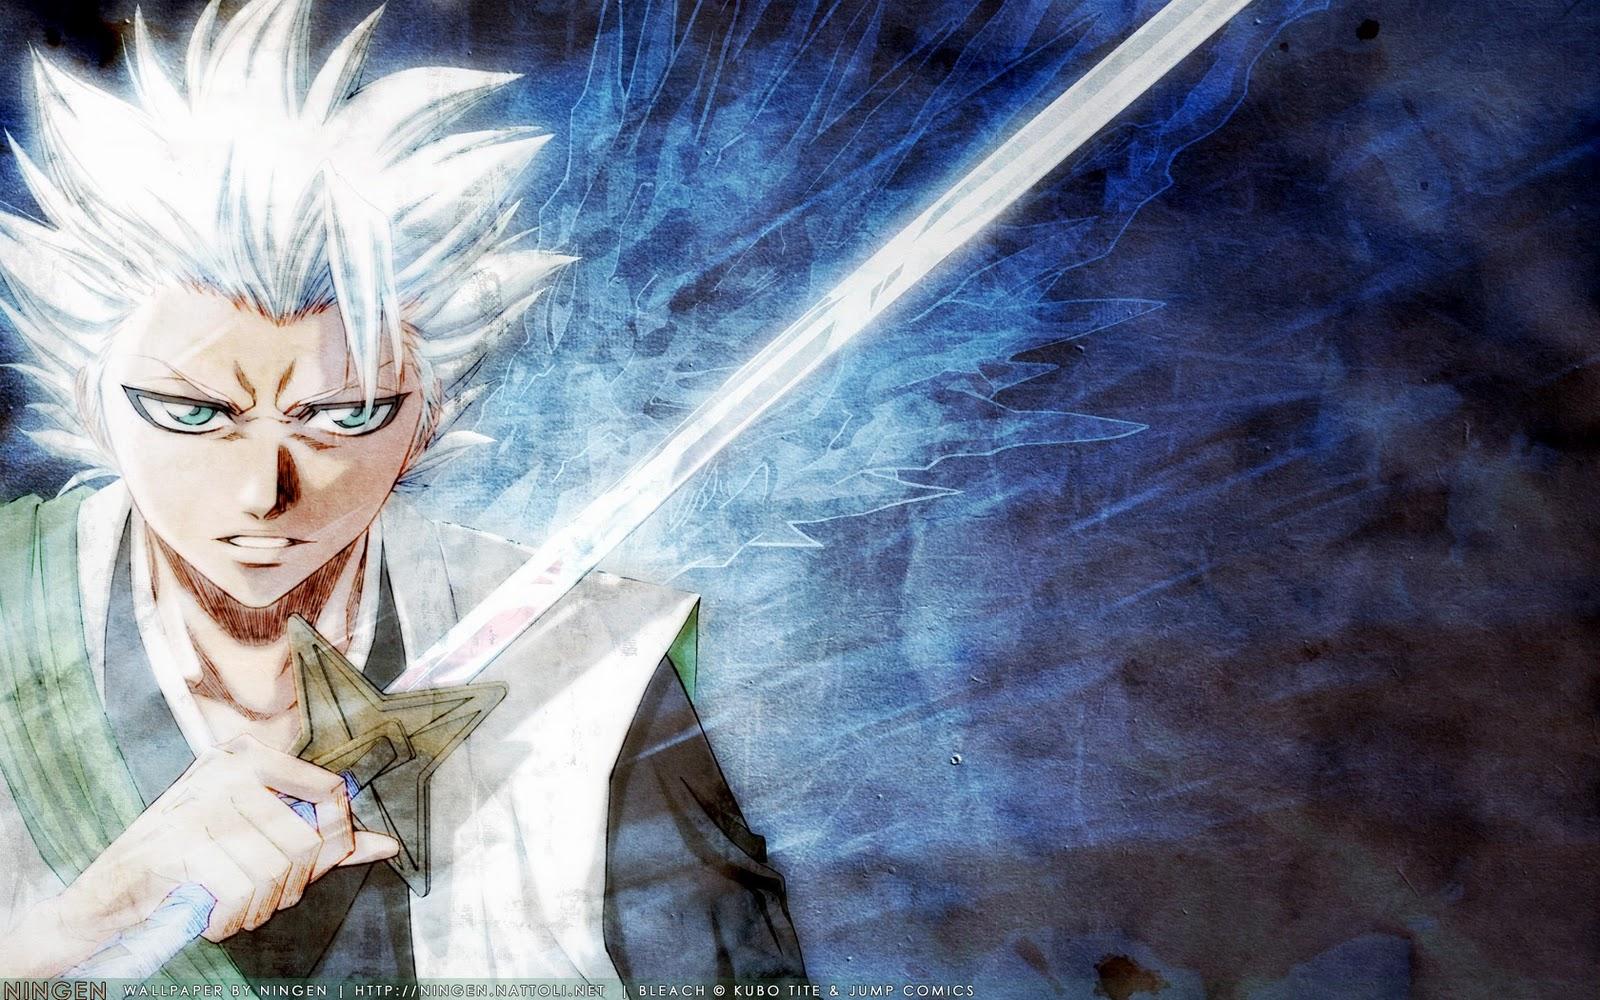 Anime Sword Wallpaper Best Desktop Hd Wallpaper Bleach Wallpapers